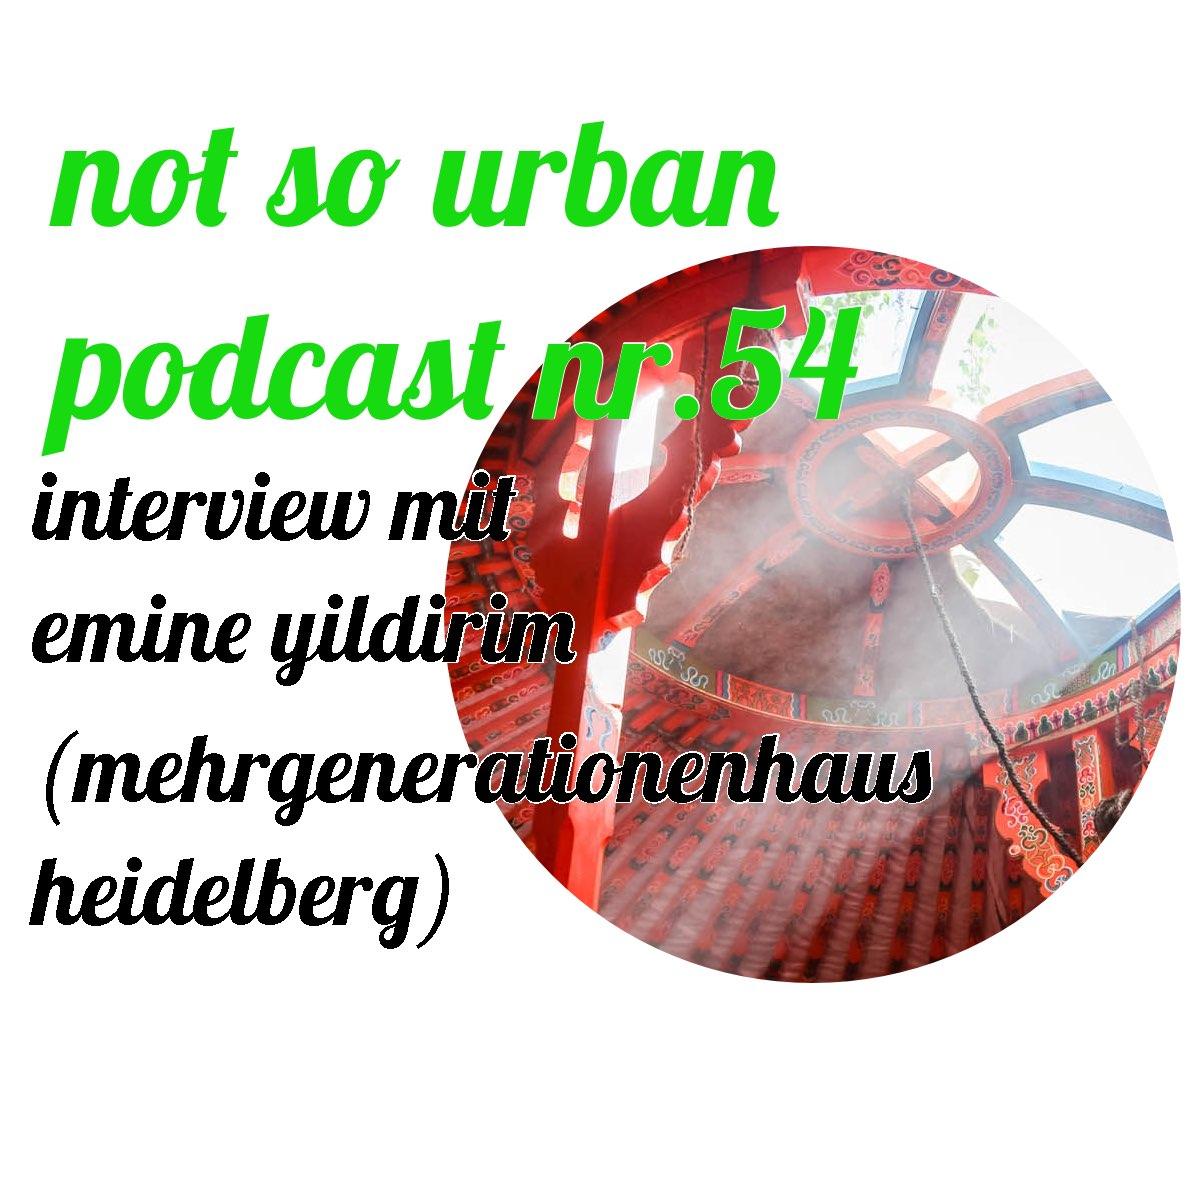 not so urban Podcast Nr.54 Emine Yildirim (Mehrgenerationenhaus Heidelberg ) Interviewer: Andreas Allgeyer